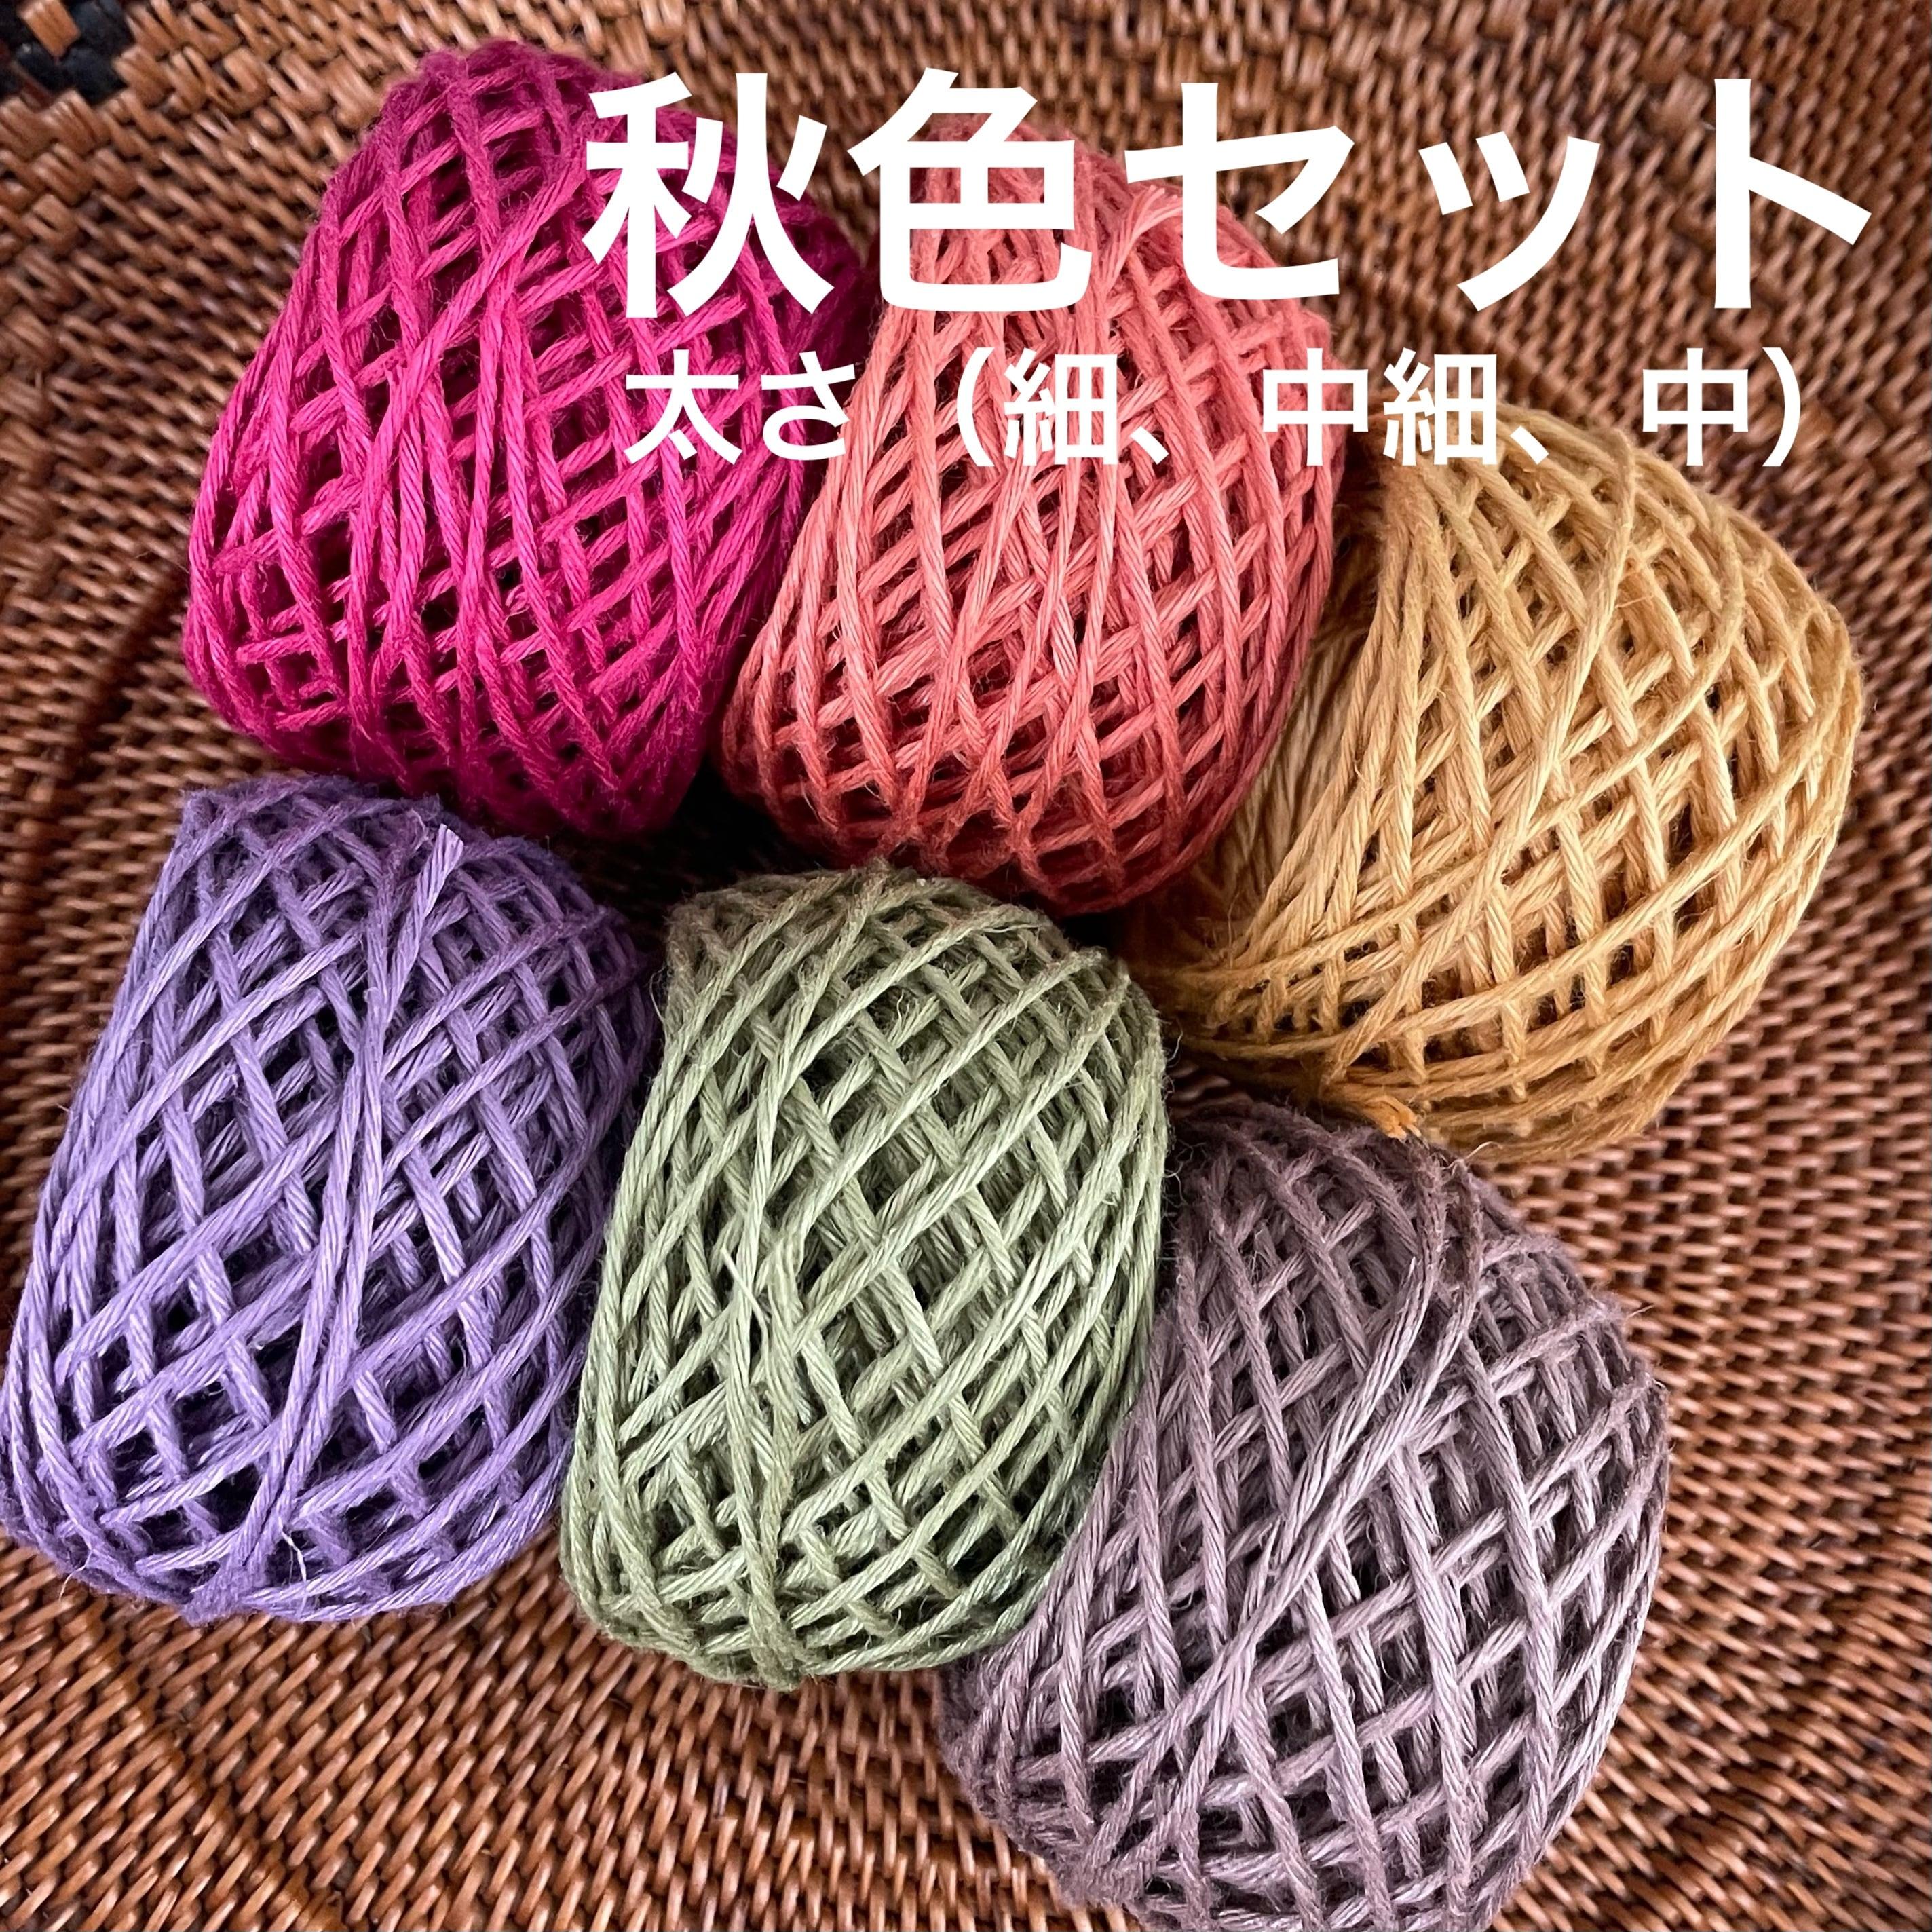 イタリア産高級オリジナルヘンプ 単色カラー 和スィーツ☆秋色15g玉6色セット (糸の太さを選んで下さい)